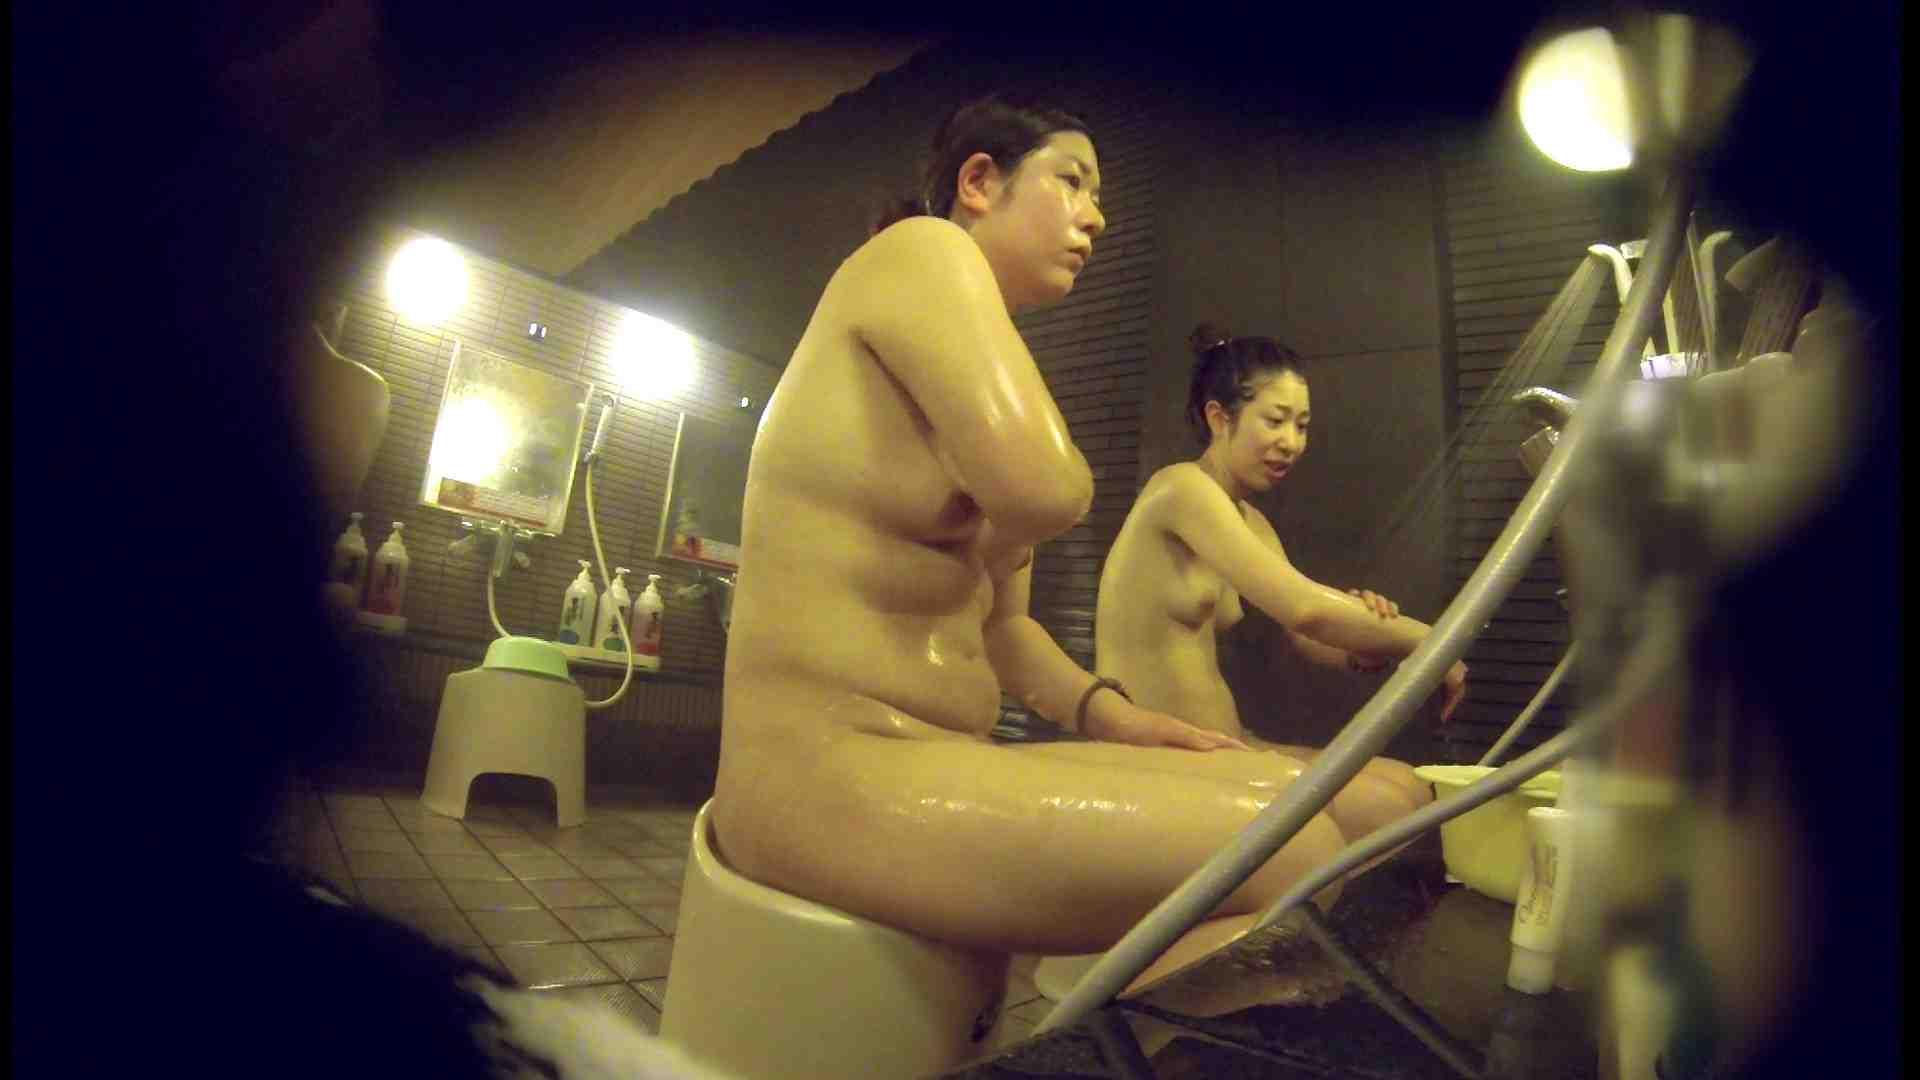 洗い場!んーーー残念なボディです。痩せれば抱けるかも? 銭湯   潜入  107連発 19